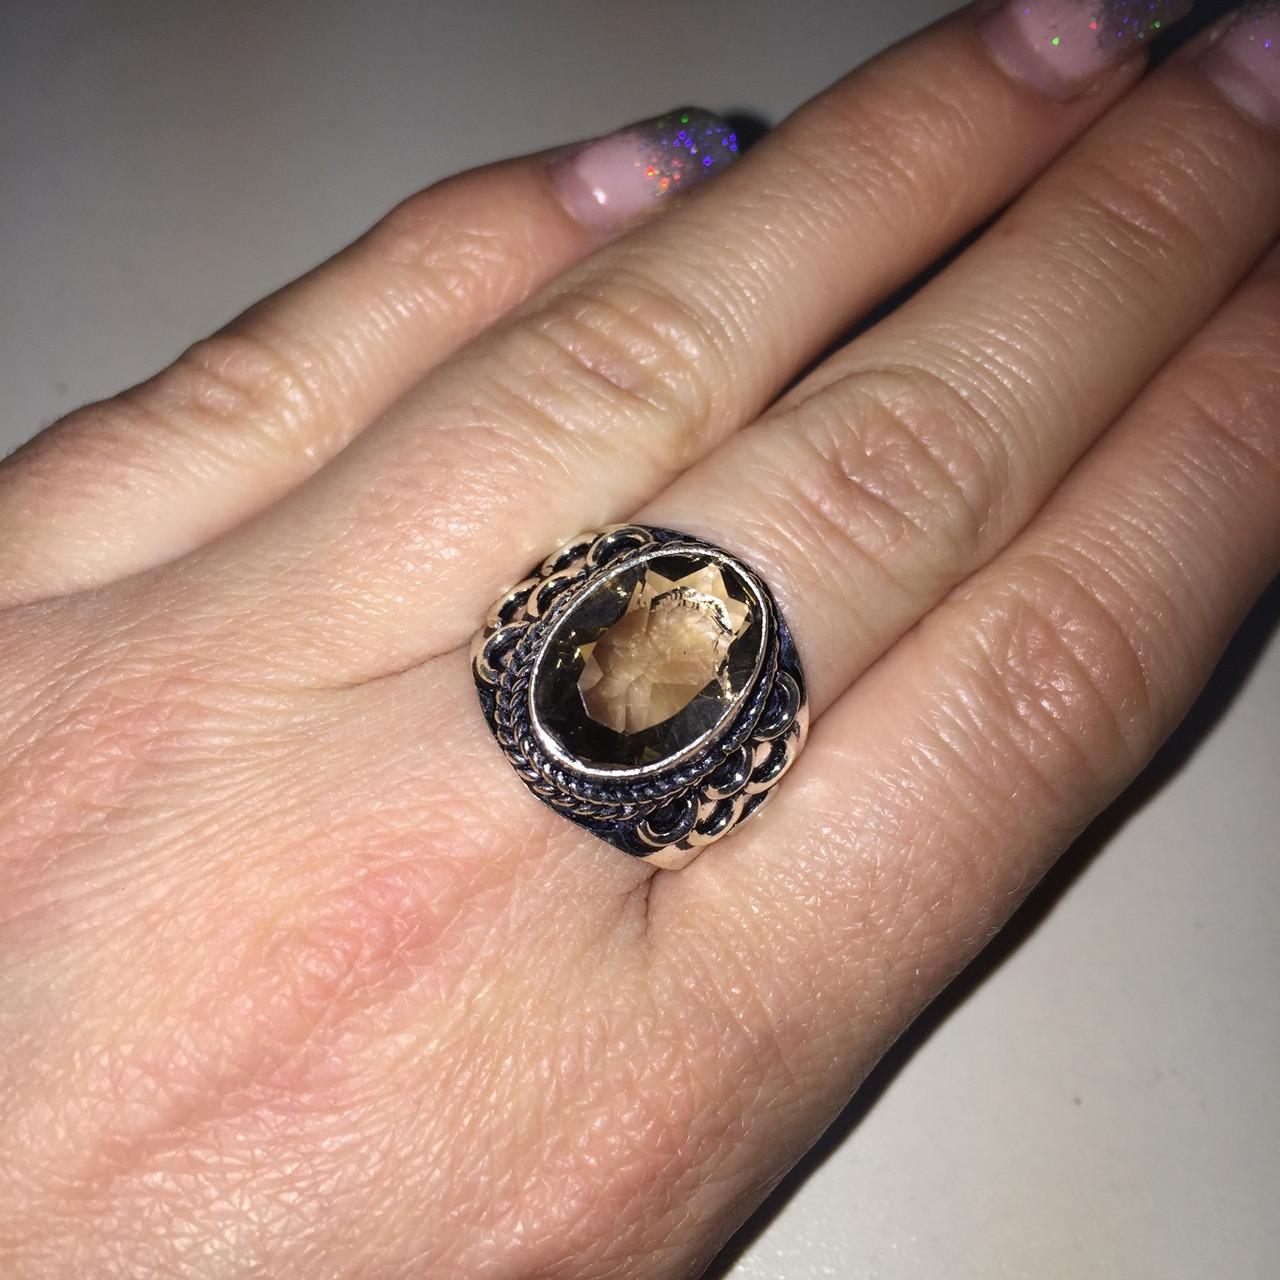 Кольцо с раух-топазом в серебре 18,5 размер. Кольцо раух-топаз Индия